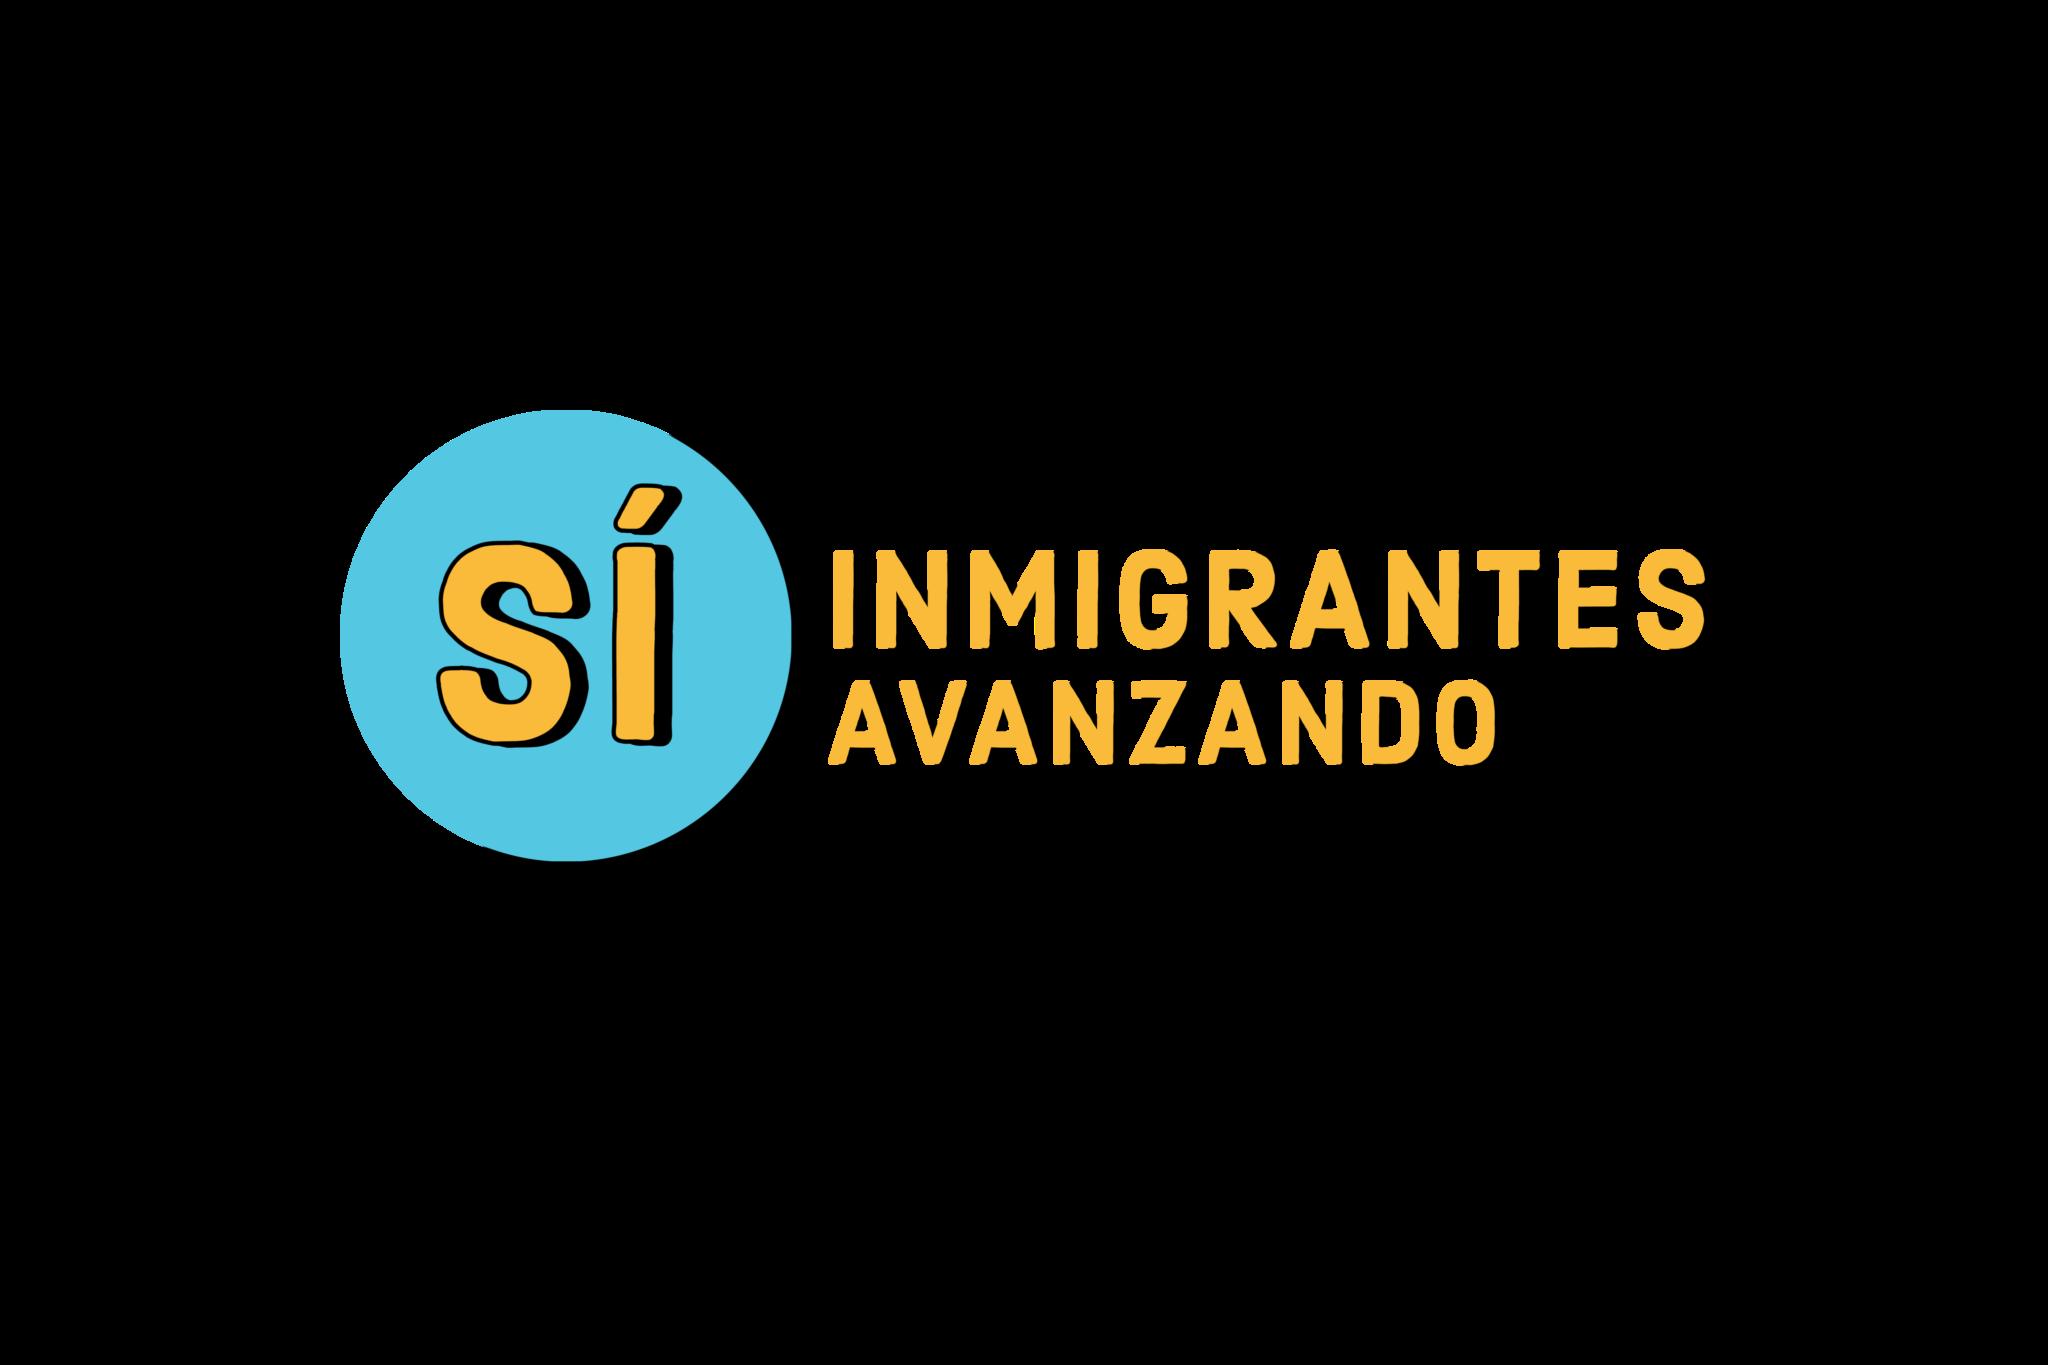 Si inmigrantes avanzando